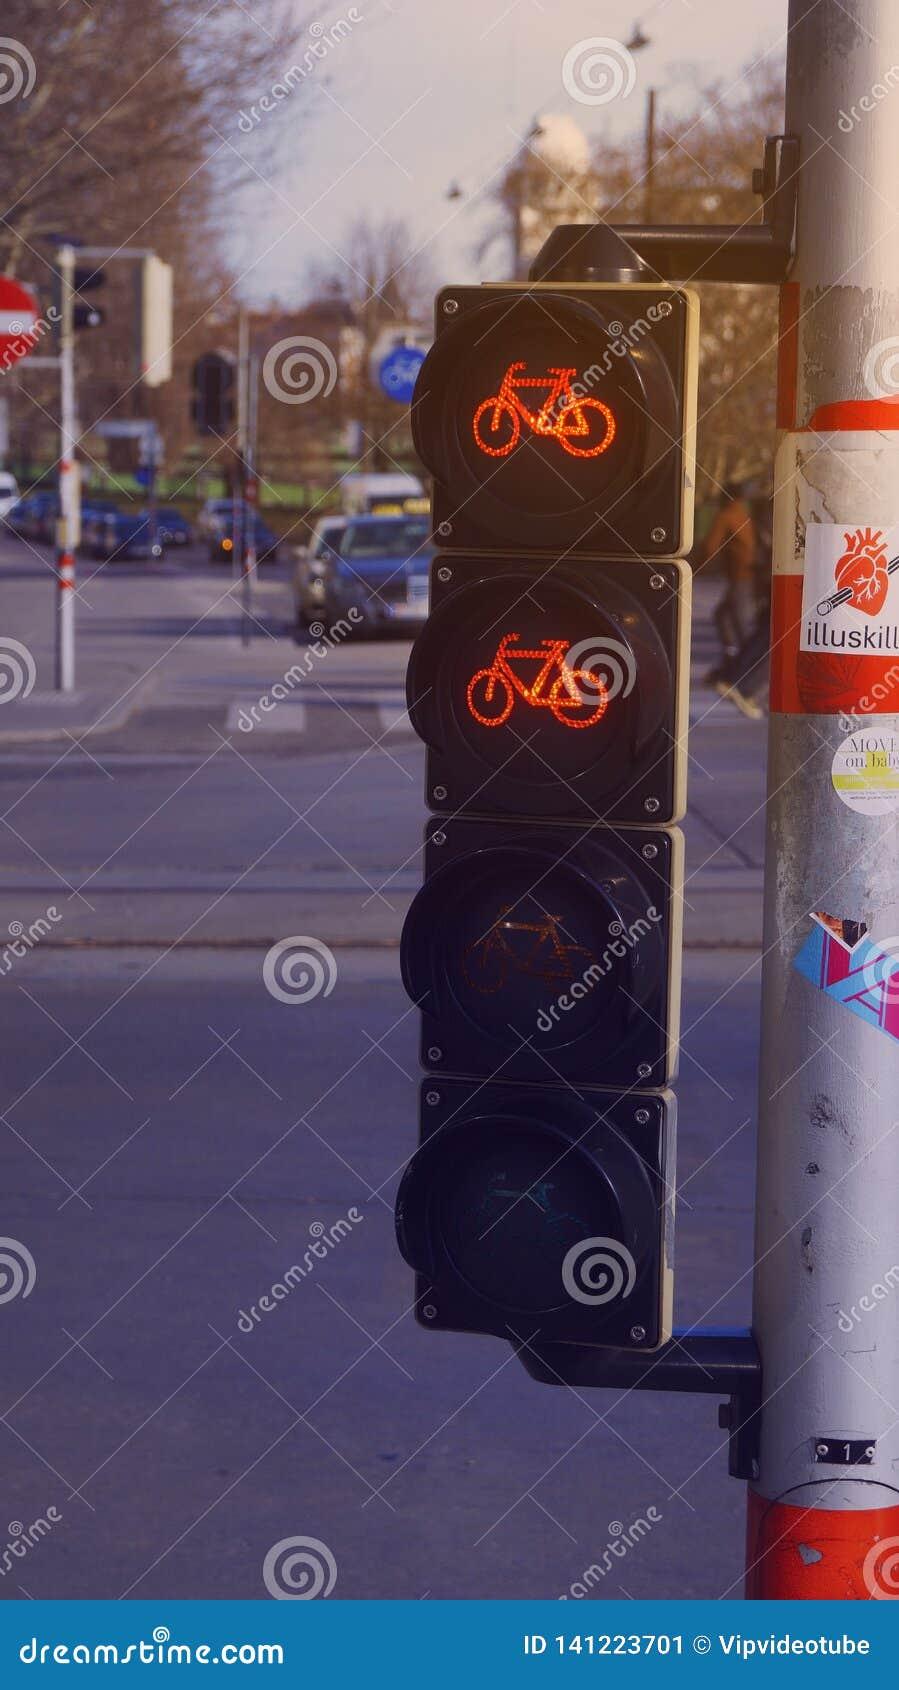 Semaforo per i ciclisti